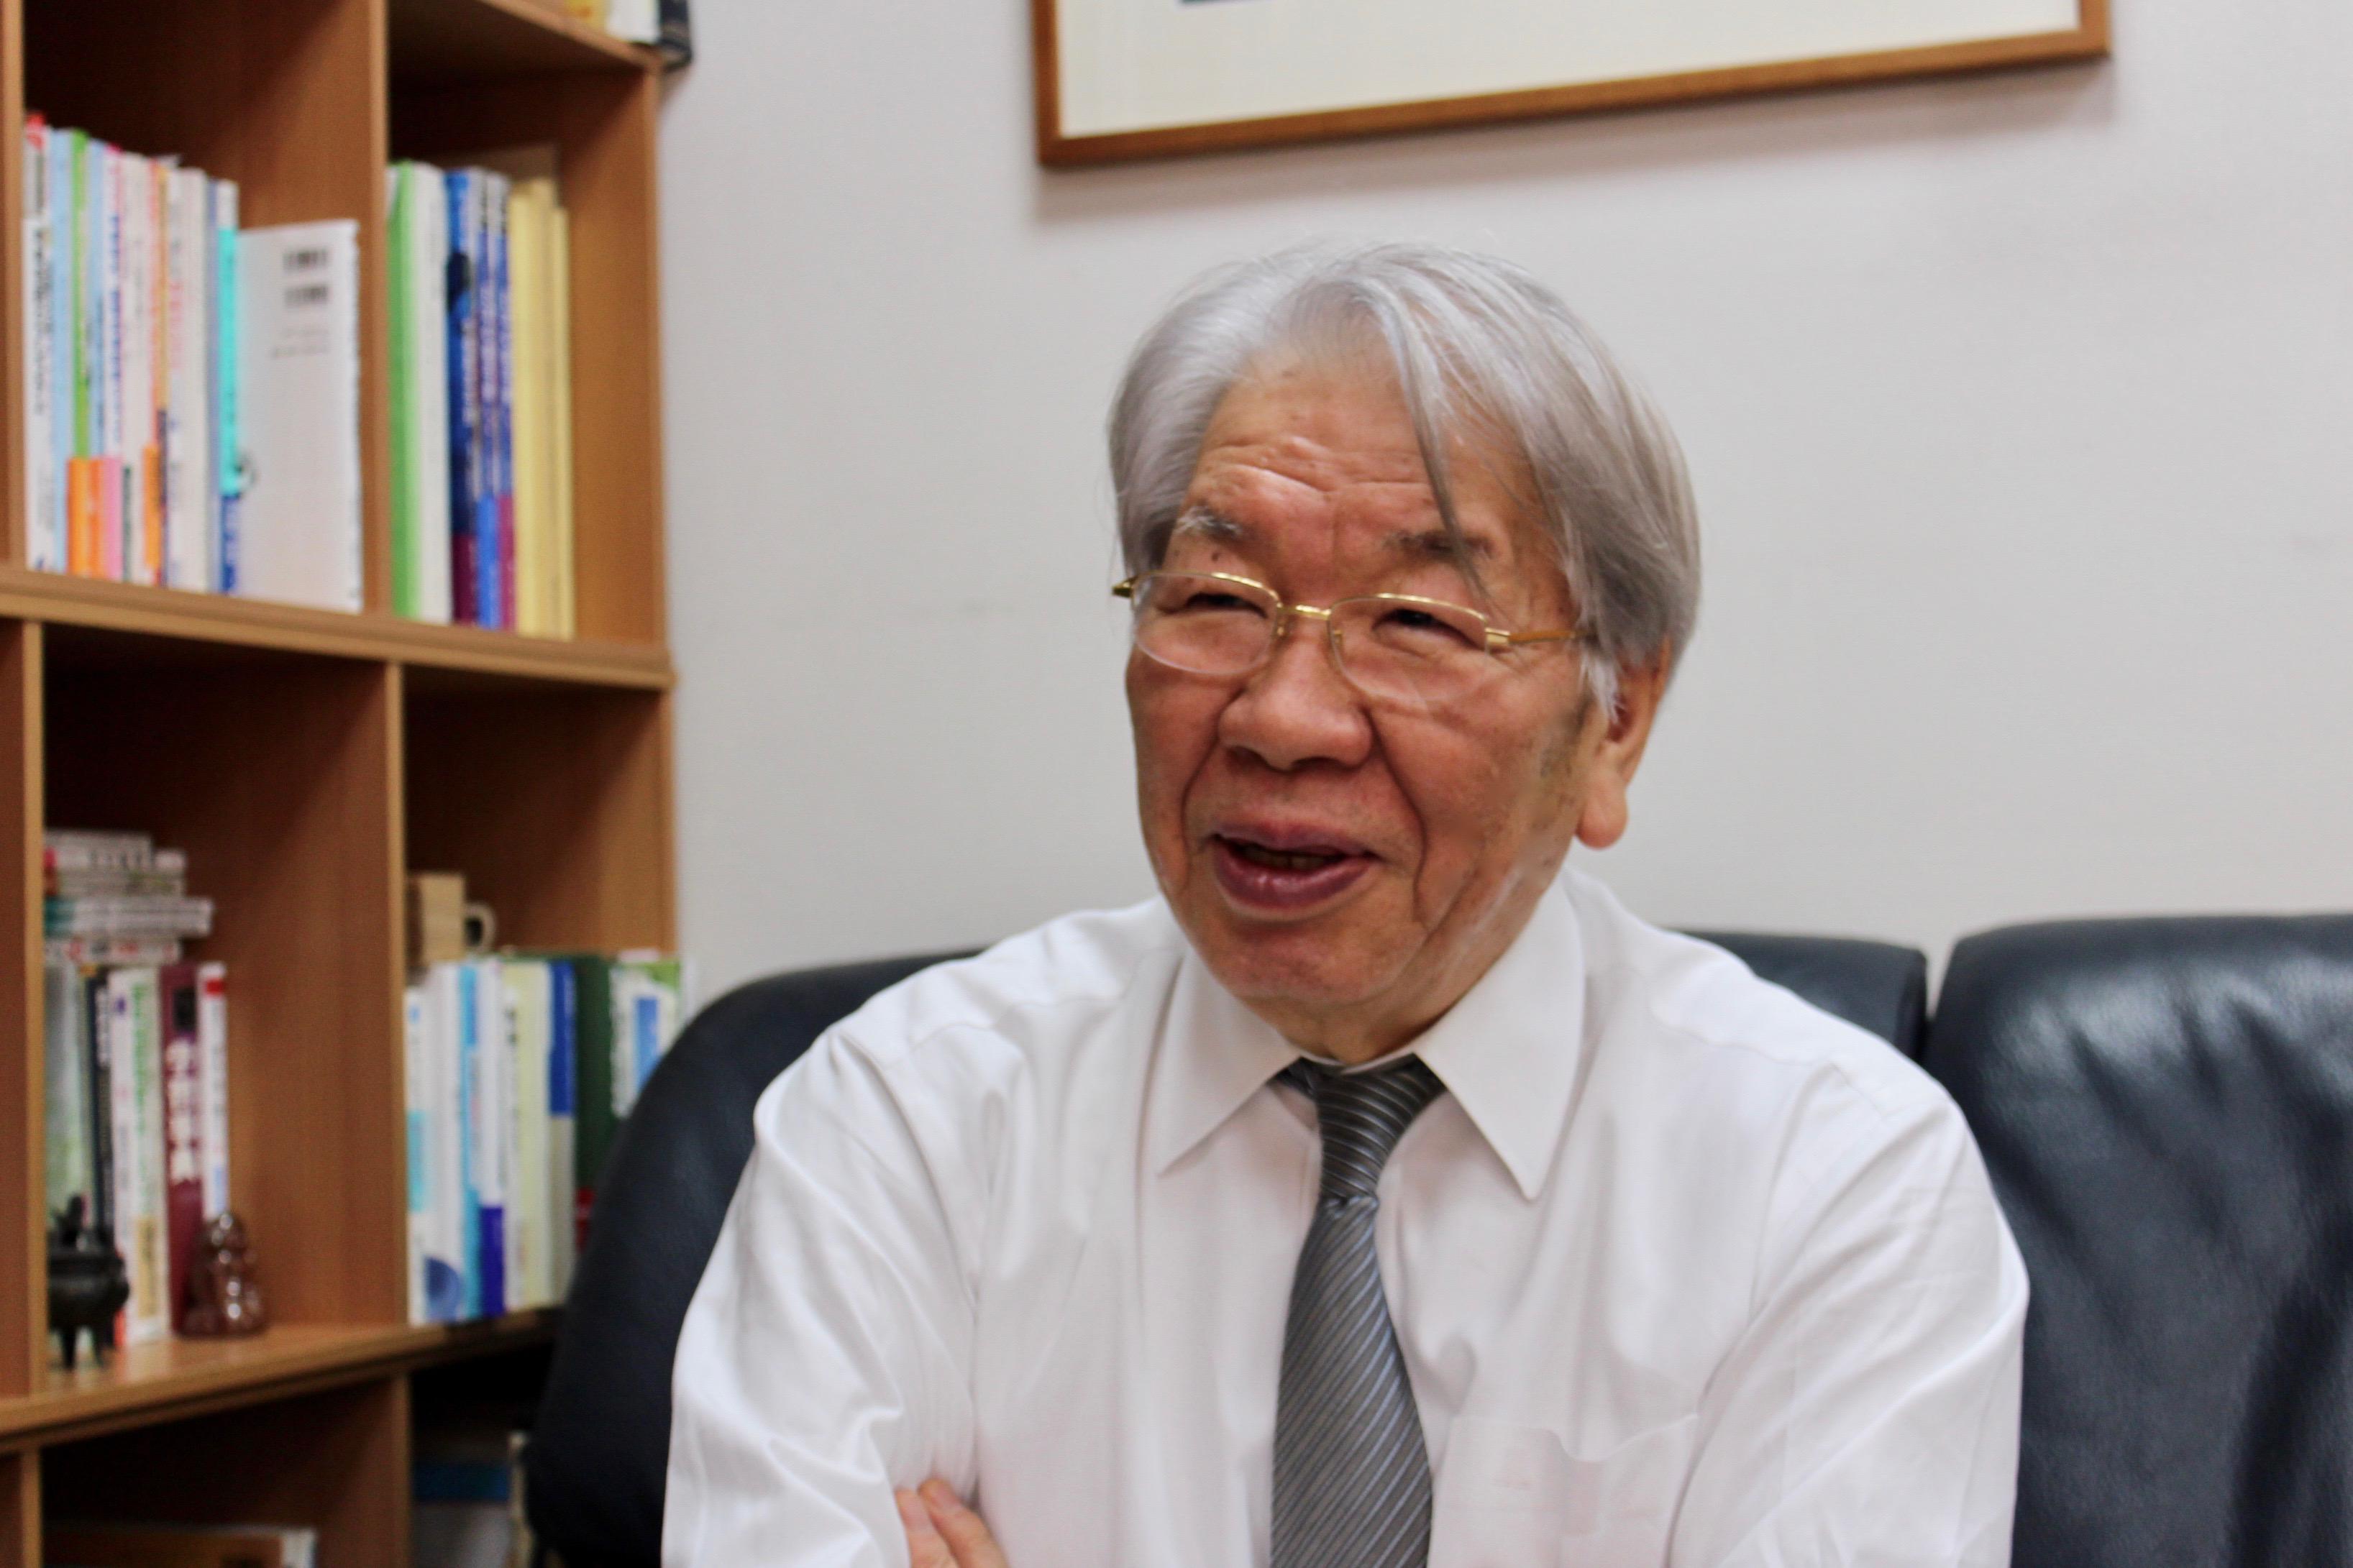 病気だけでなく、一人ひとりの全体像を捉えてケアすることの大切さ――新田國夫先生のあゆみと思い